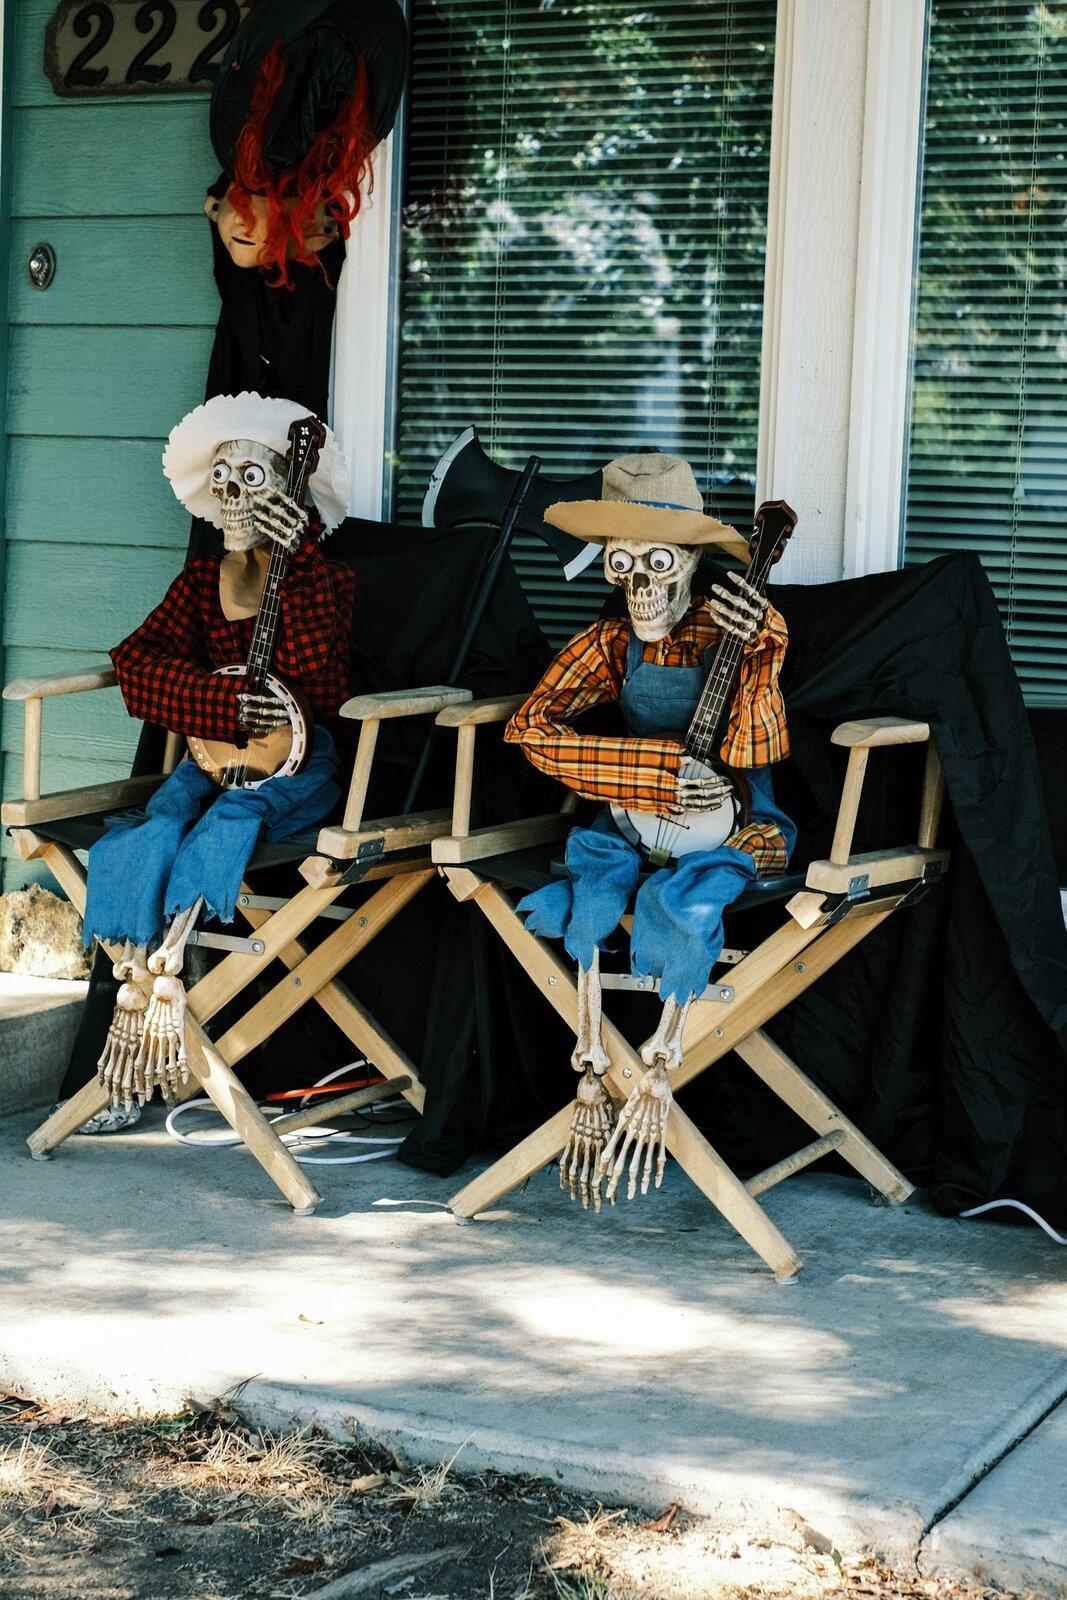 XPro3_Oct12_21_skeleton_musicians#5.jpg